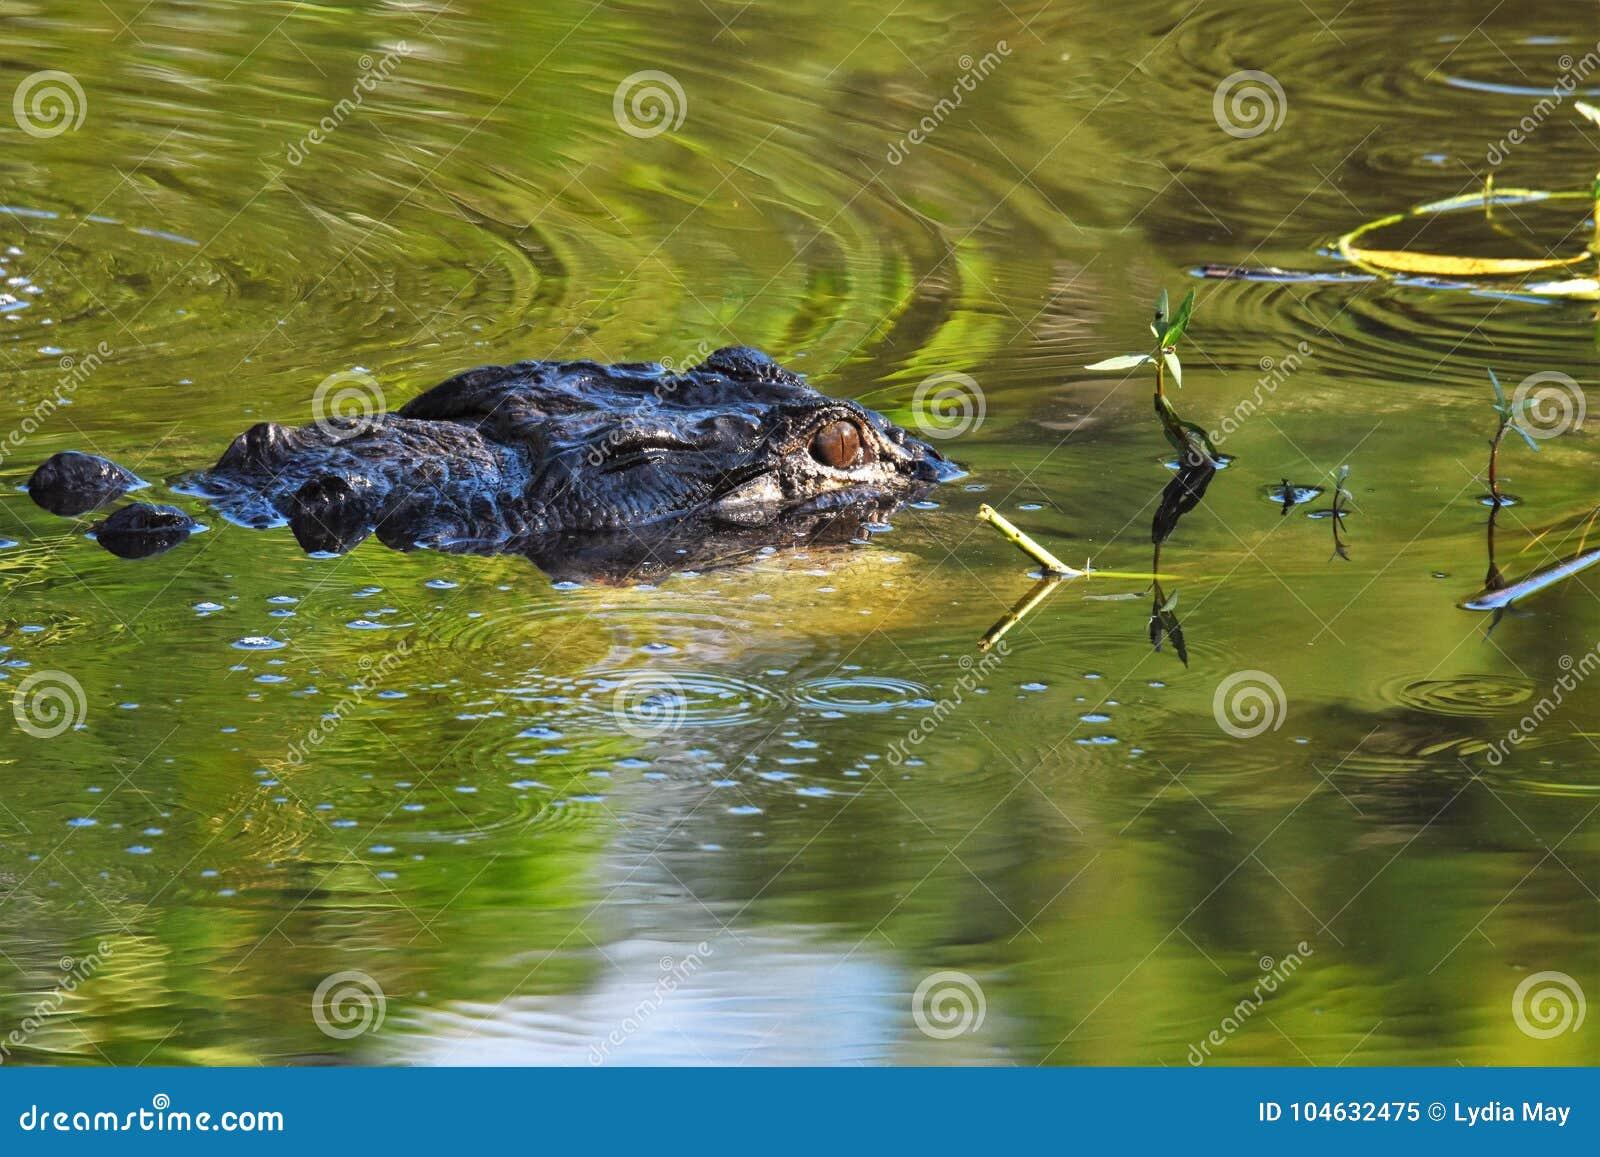 Download Sluit Omhoog Van Alligator In Het Moerasland Stock Afbeelding - Afbeelding bestaande uit schalen, moerasland: 104632475